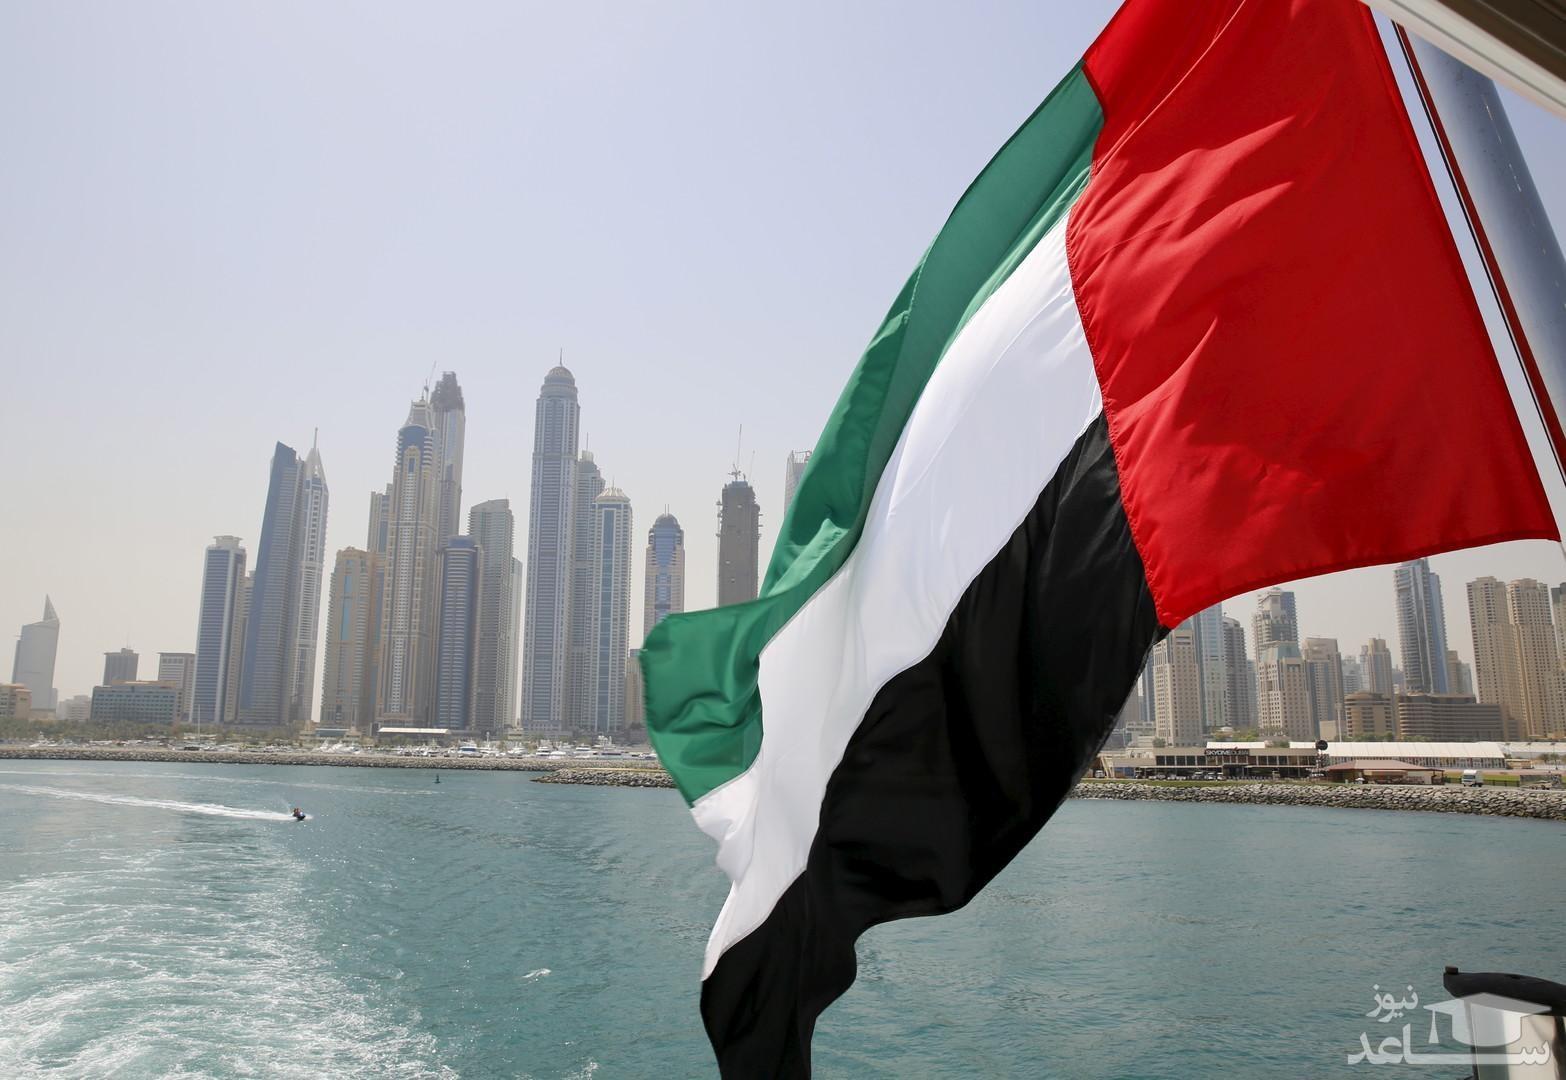 امارات صدور ویزا برای اتباع ایران را متوقف کرد